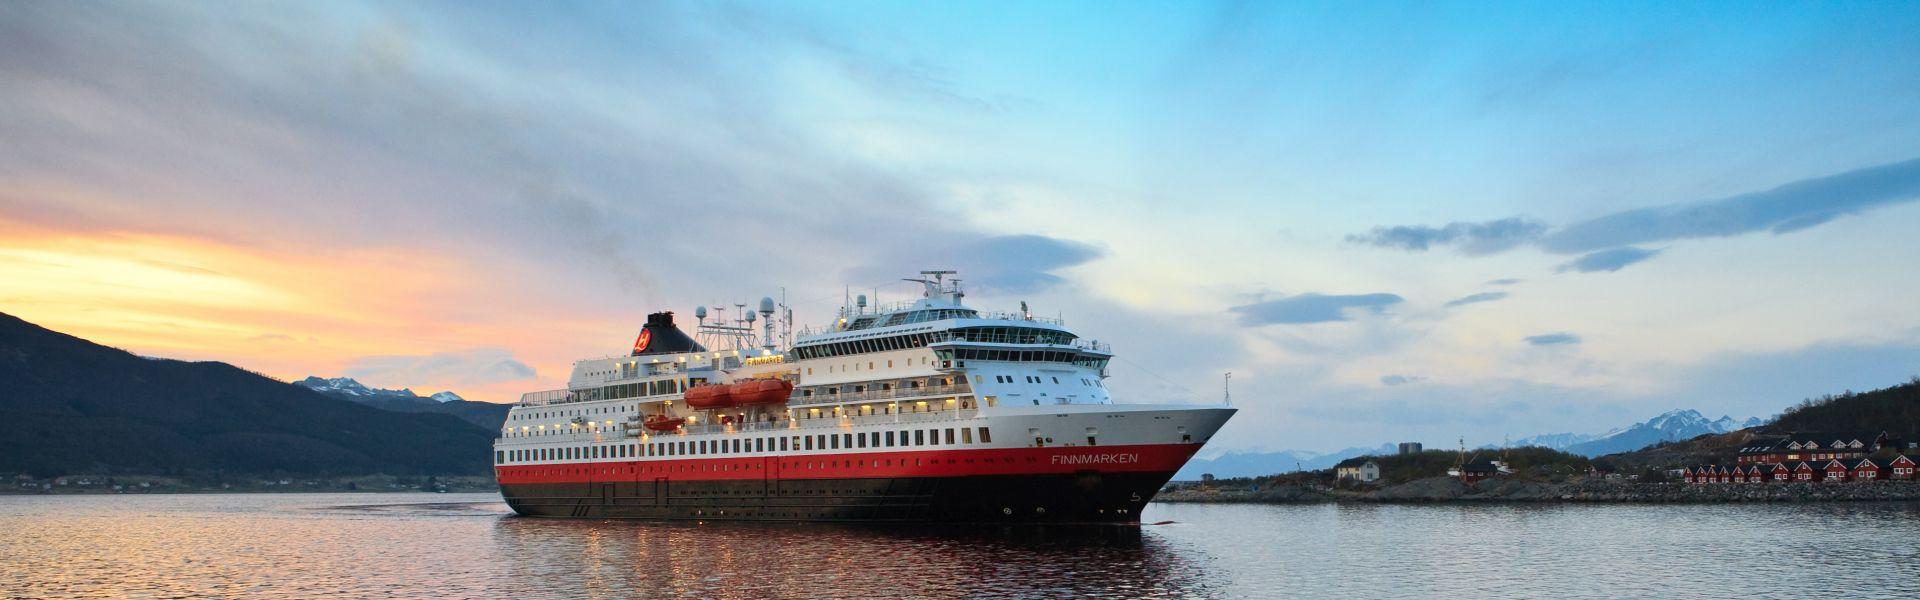 Croaziera 2017 - Scandinavia si Fiordurile Norvegiene (Kirkenes) - Hurtigruten - MS Finnmarken - 5 nopti